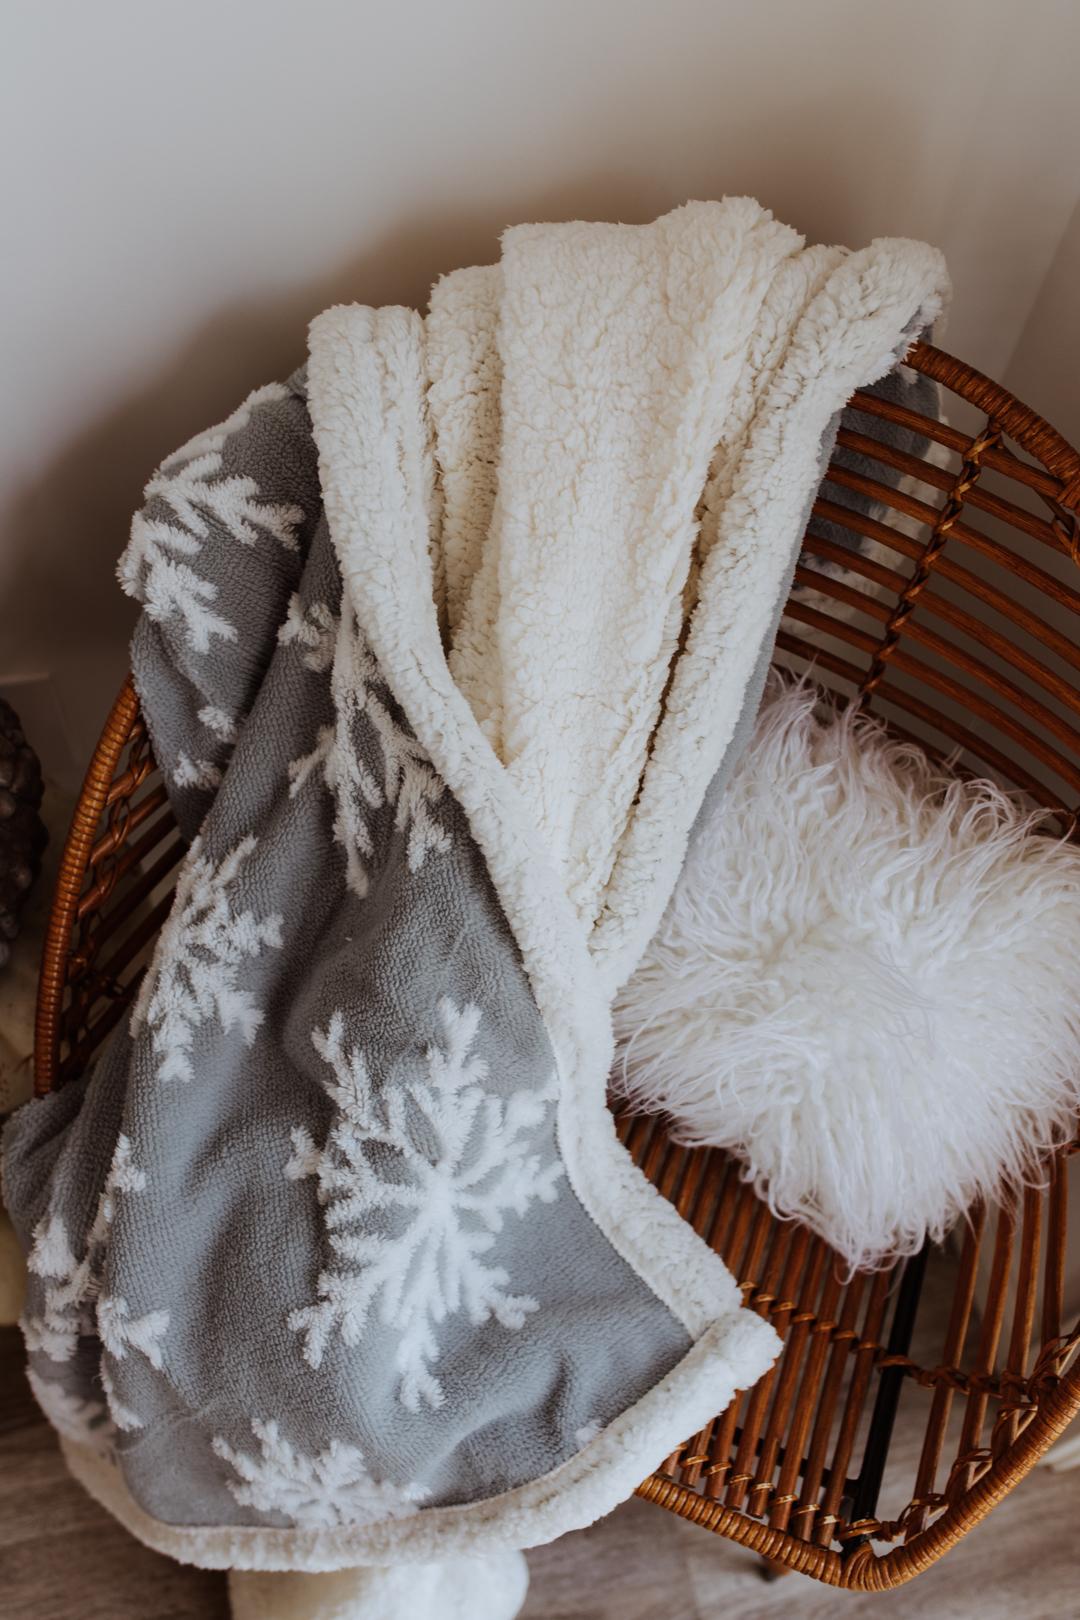 a cozy corner | thelovedesdignedlife.com #winterbedding #snowflakeblanket #cozy